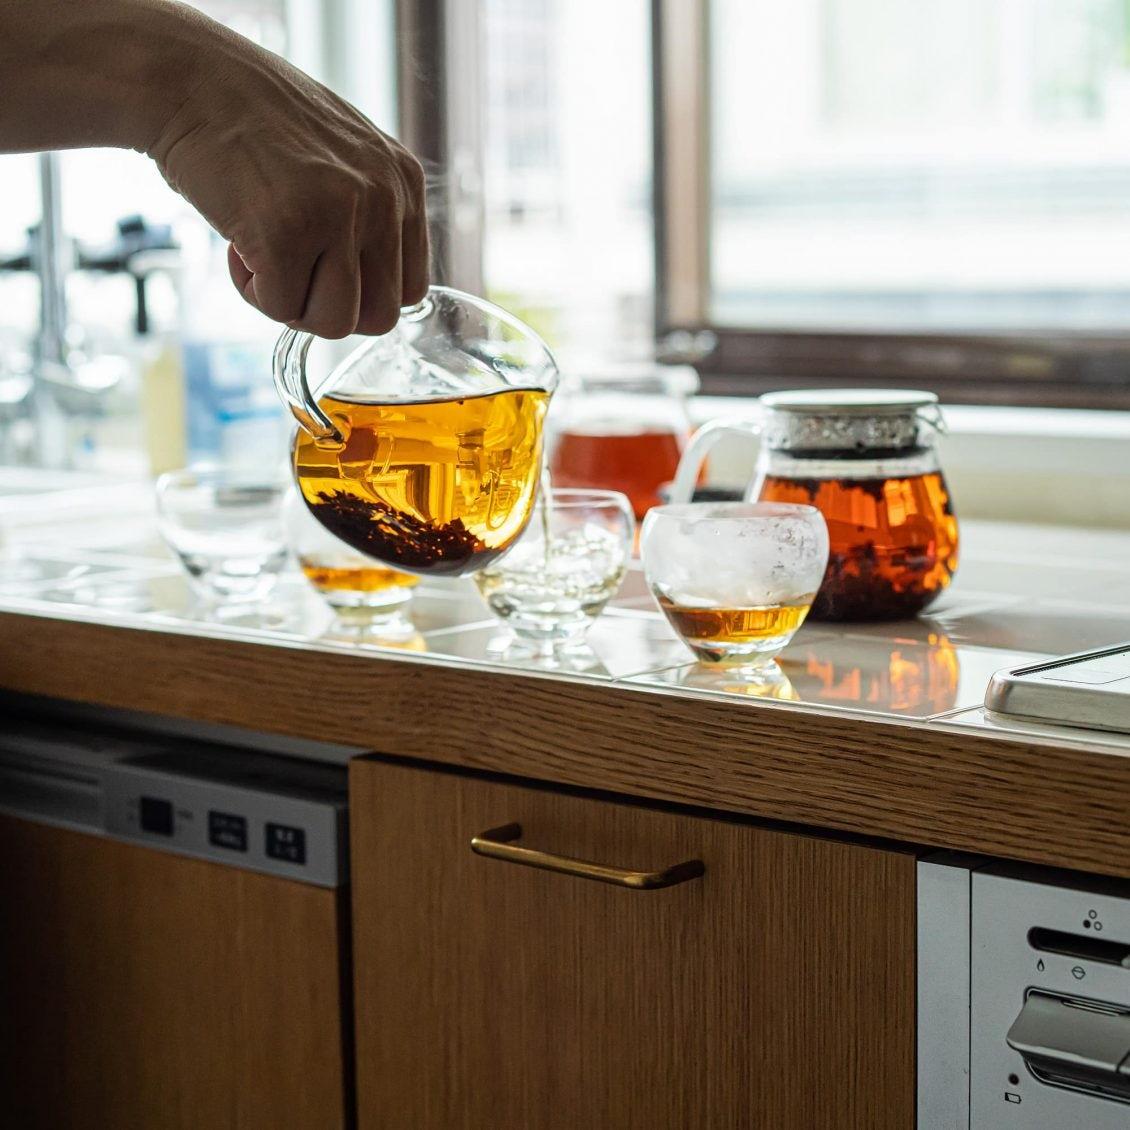 【紅茶をおいしく】コクを味わうならどれ? 身体を温める「紅茶」の魅力を、プロに聞きました